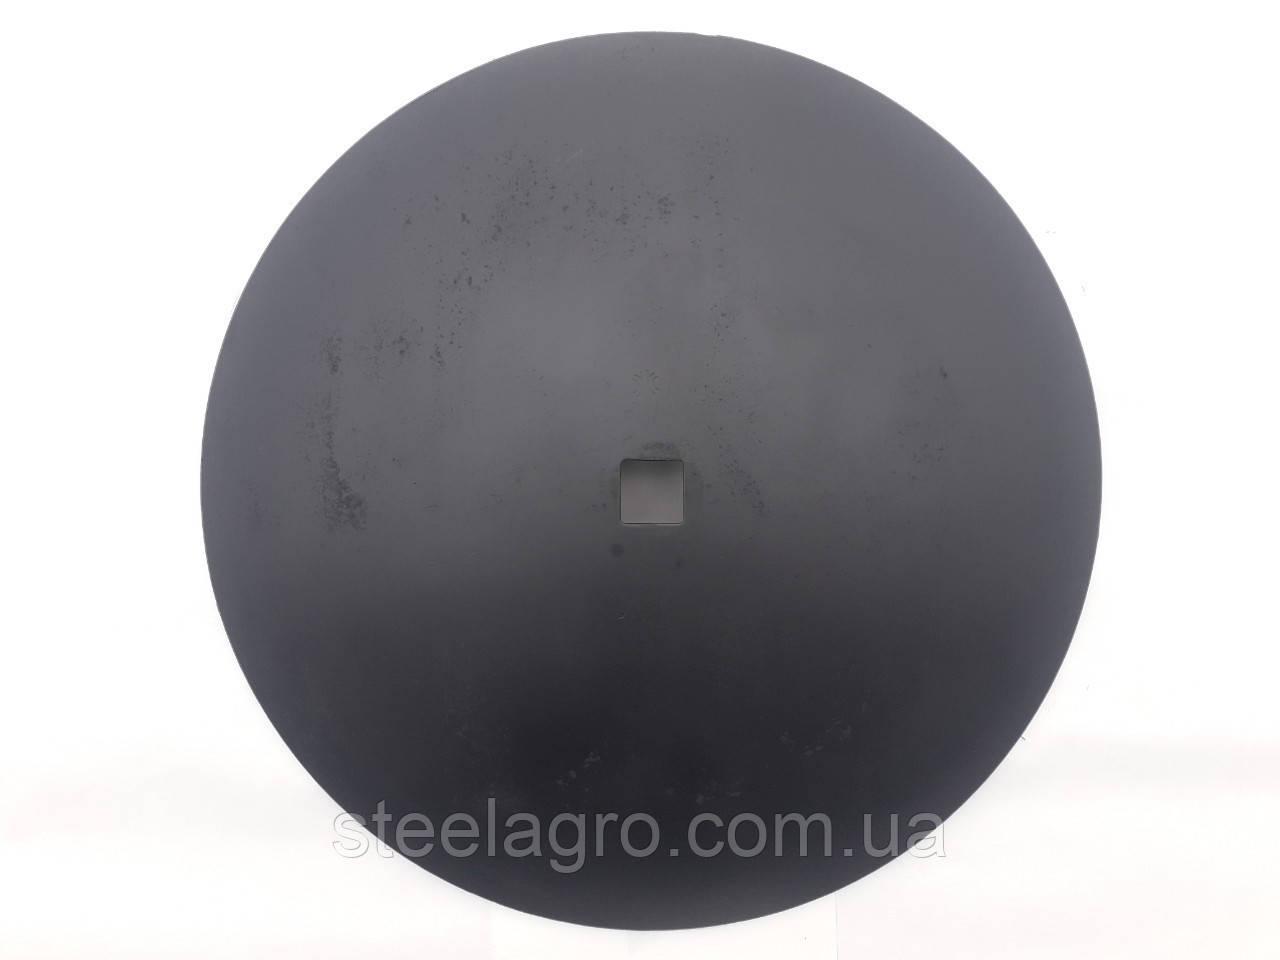 Диск борони D=660 мм, кв 30х30мм, h=6мм гладкий ст30МпВ5 (Rabe) Раба (арт. 64423202, 64423201)